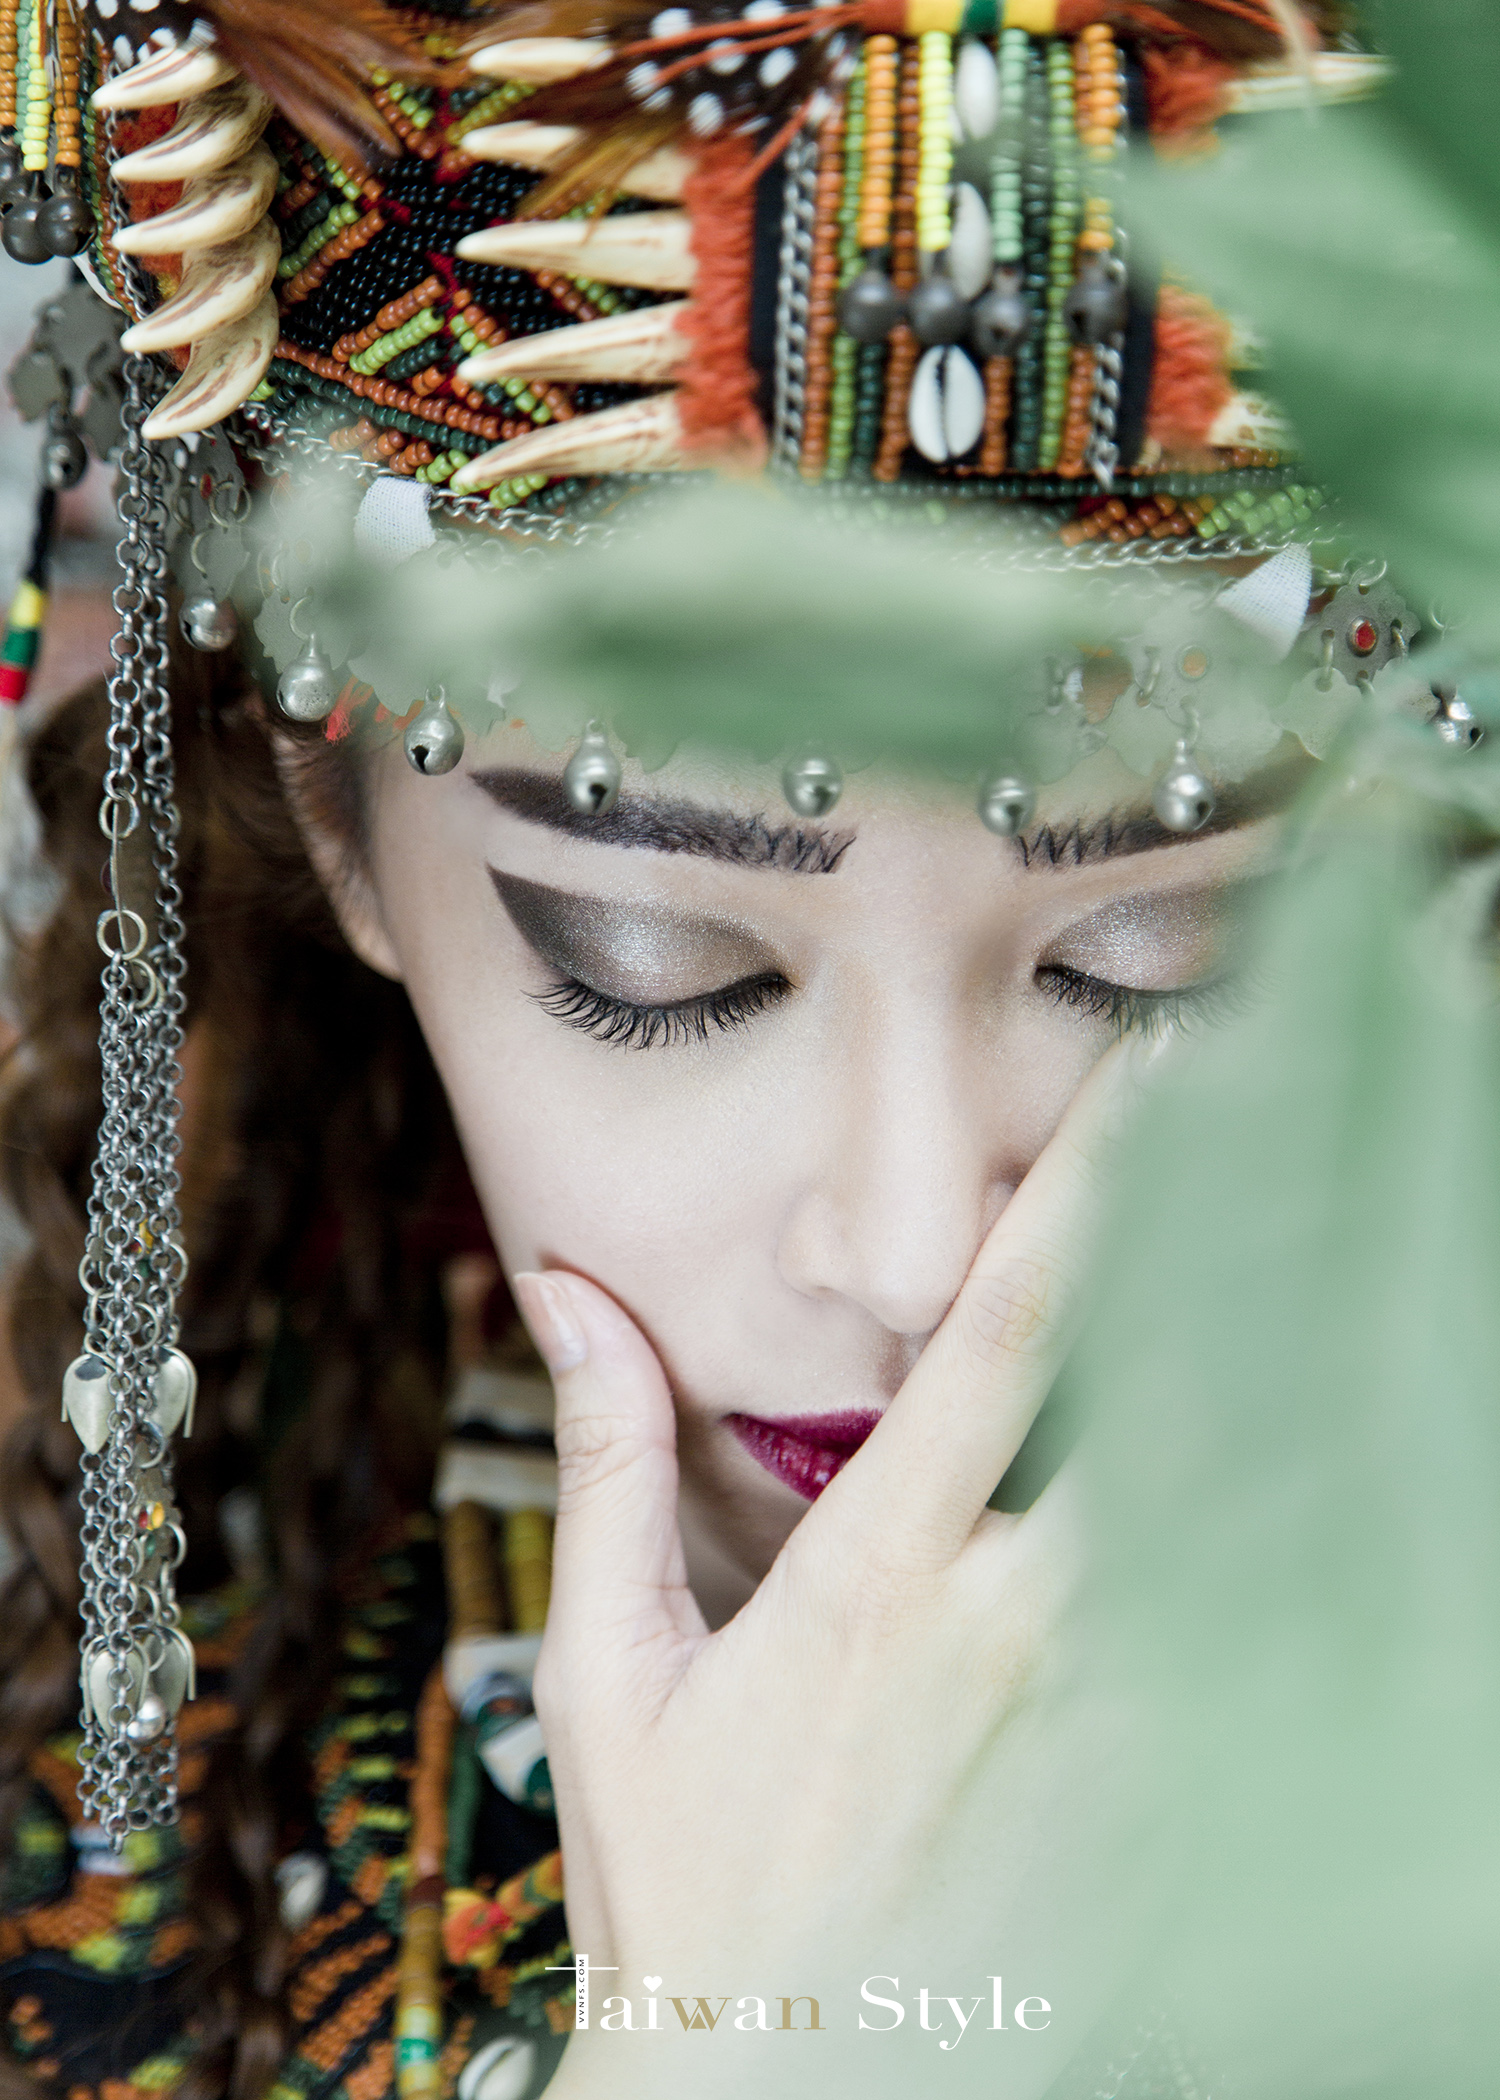 看見台灣百年婚紗之美-原住民排灣魯凱族造型之美-新娘物語 x VVNFS方美玉台南新秘8